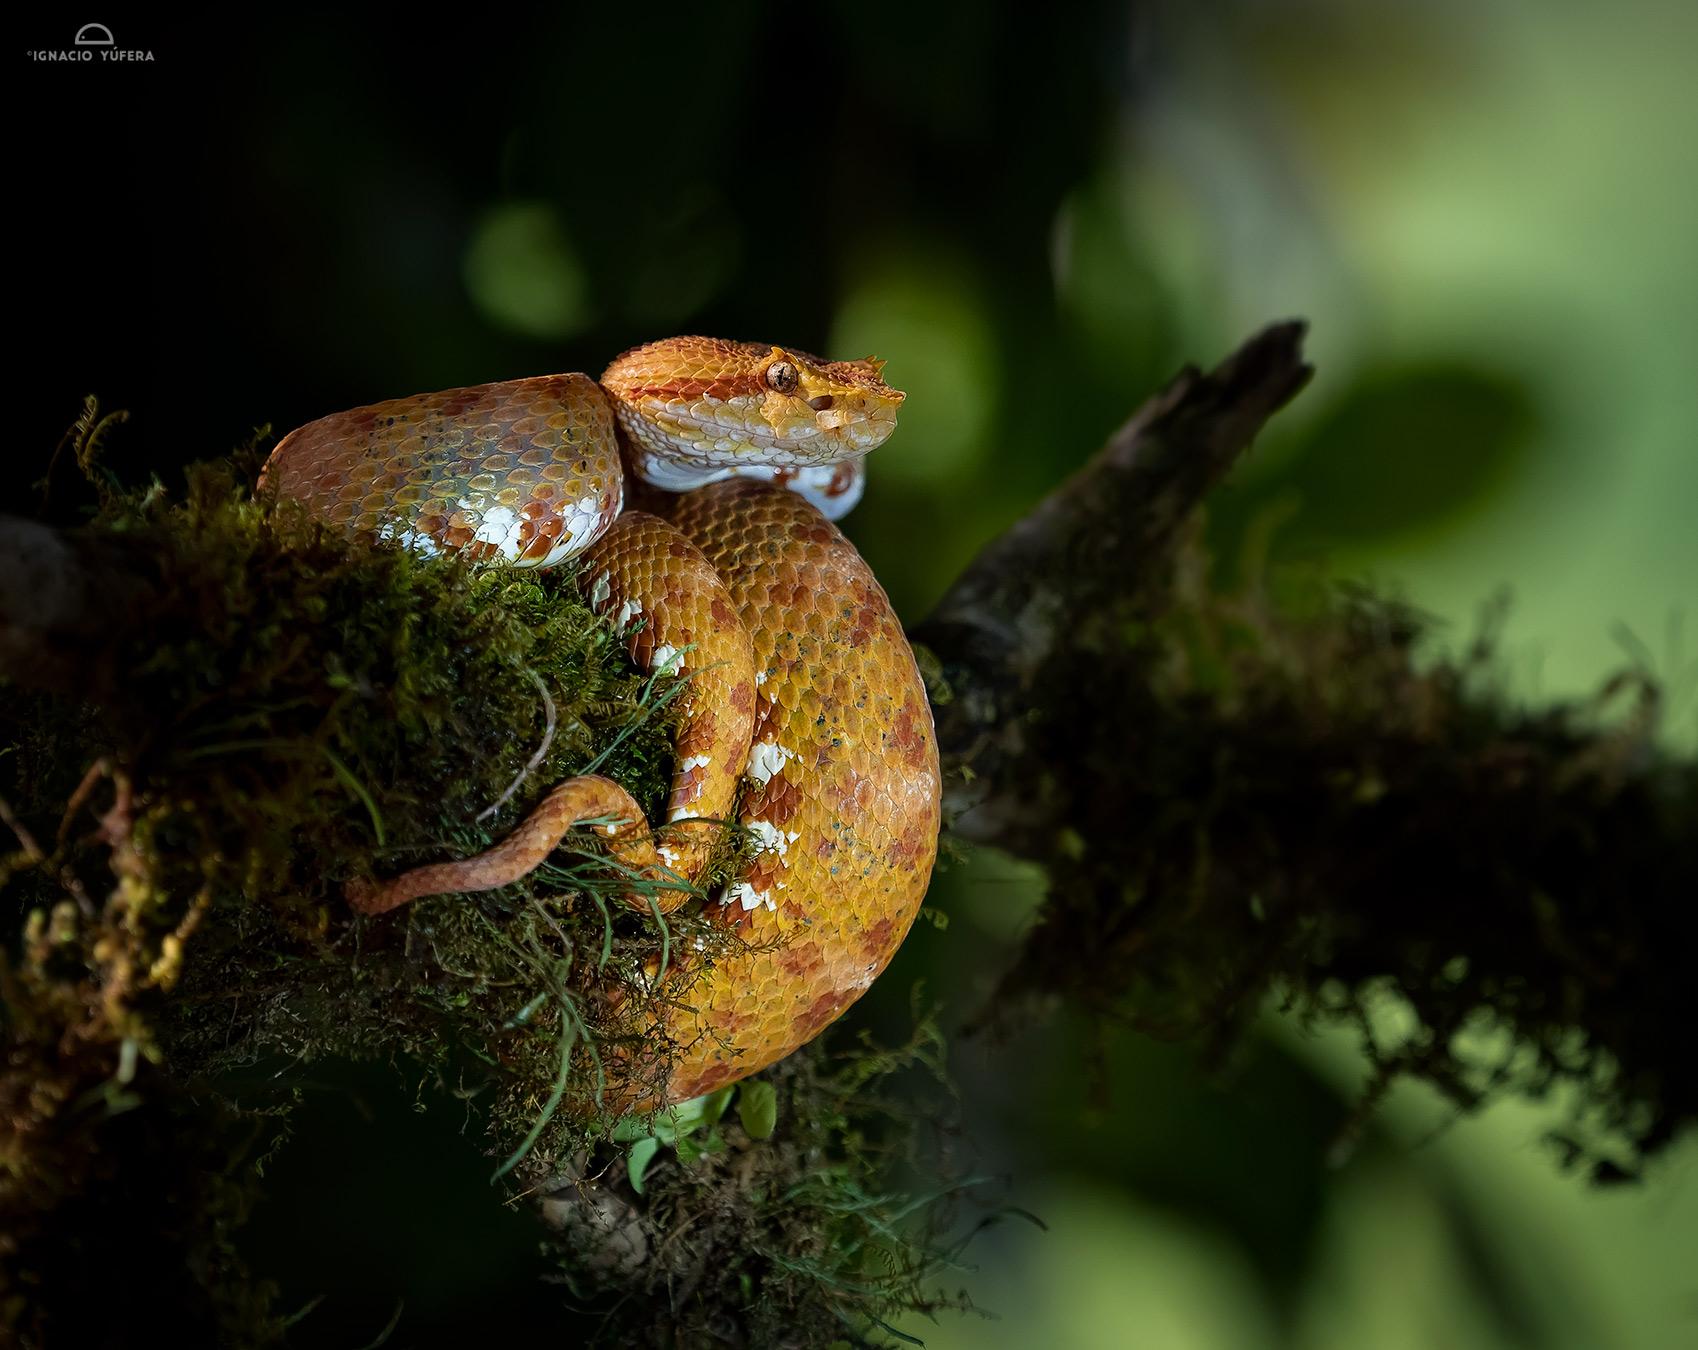 Eyelash Pitviper (Bothriechis schlegeli), Costa Rica